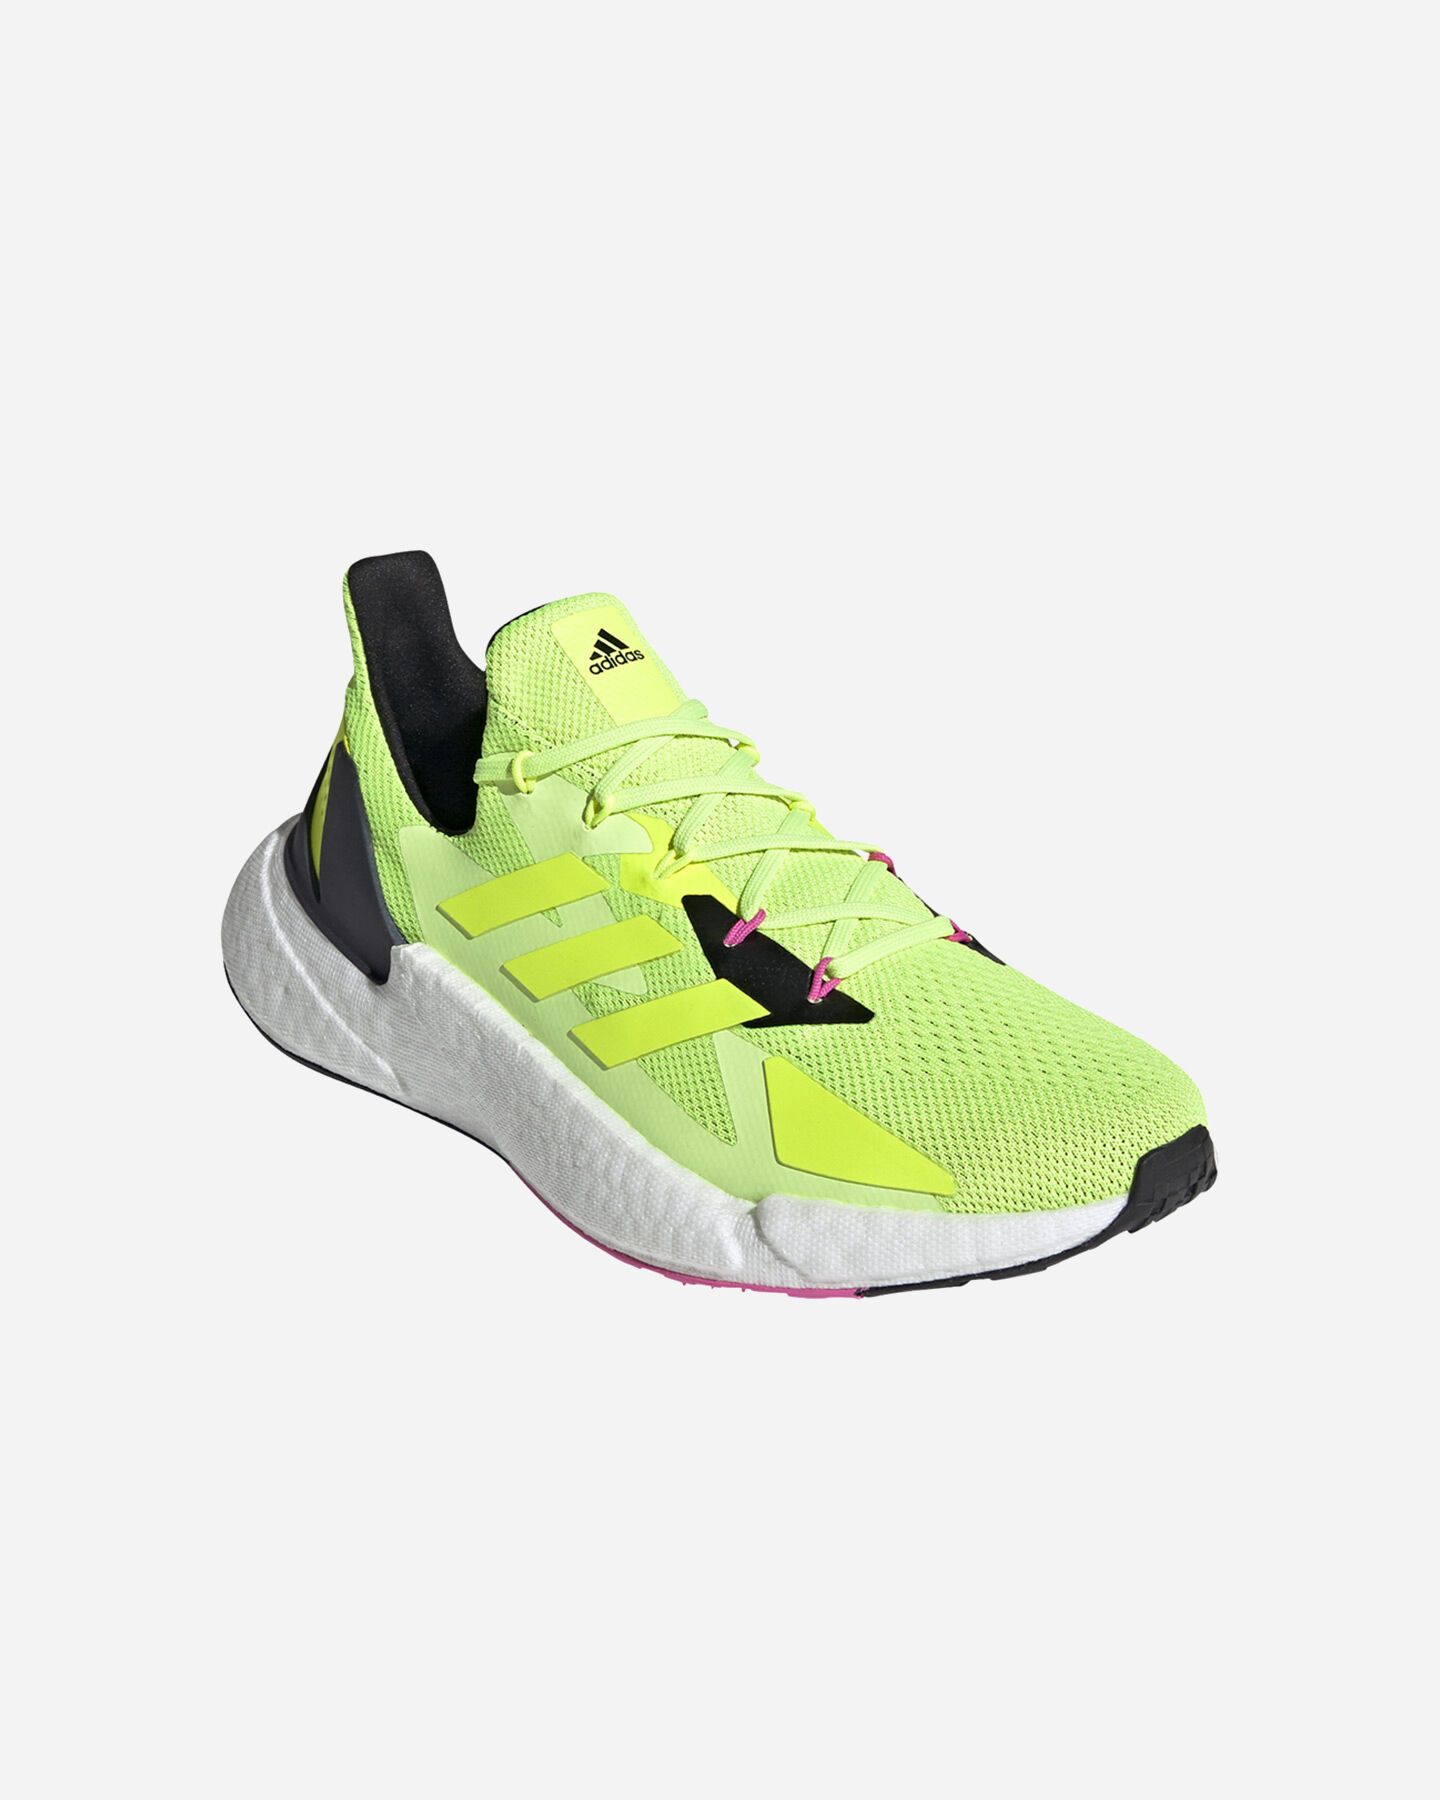 Scarpe sneakers ADIDAS X9000L4 M S5277517 scatto 1